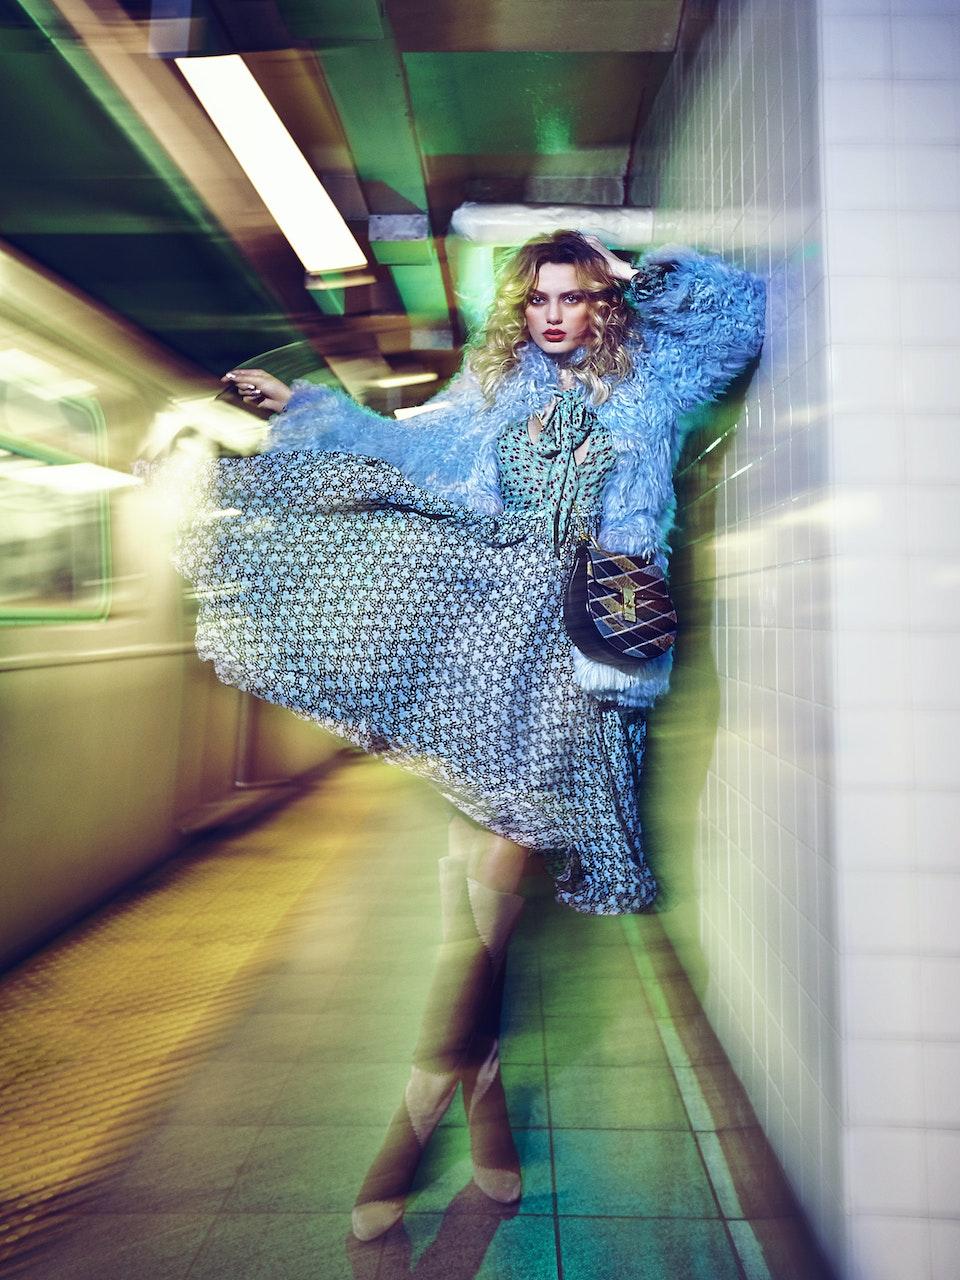 Bregje Heinen for FT Glamorama